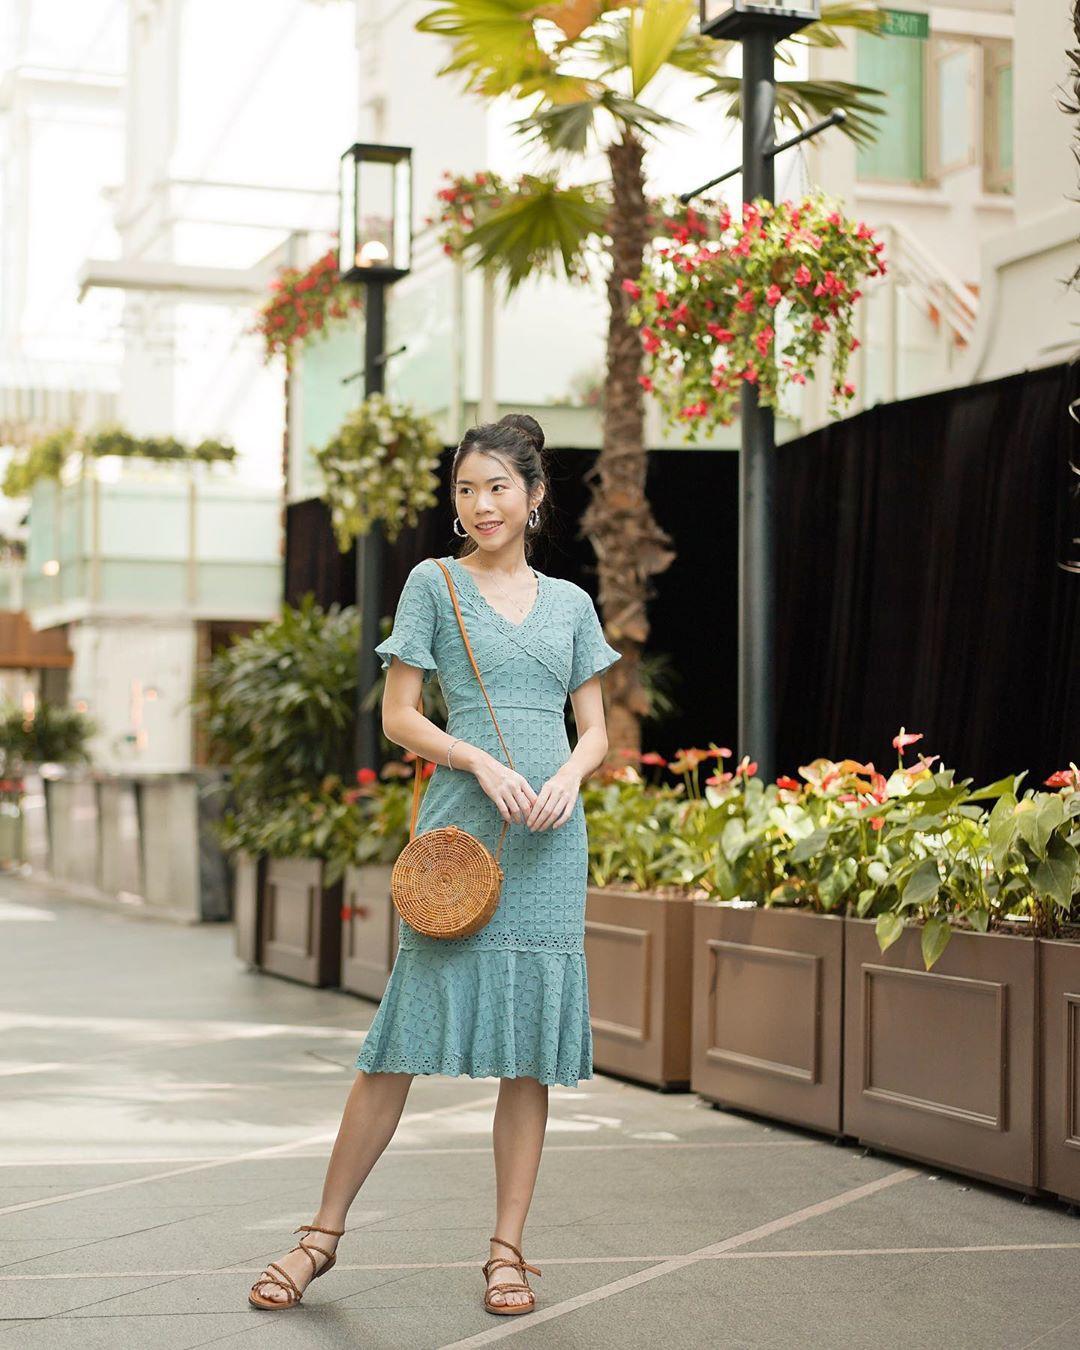 Nàng nào diện váy cũng rất xinh nhưng nếu áp dụng 4 tips sau, vẻ ngoài sẽ càng thêm thanh mảnh và hút mắt - Ảnh 11.